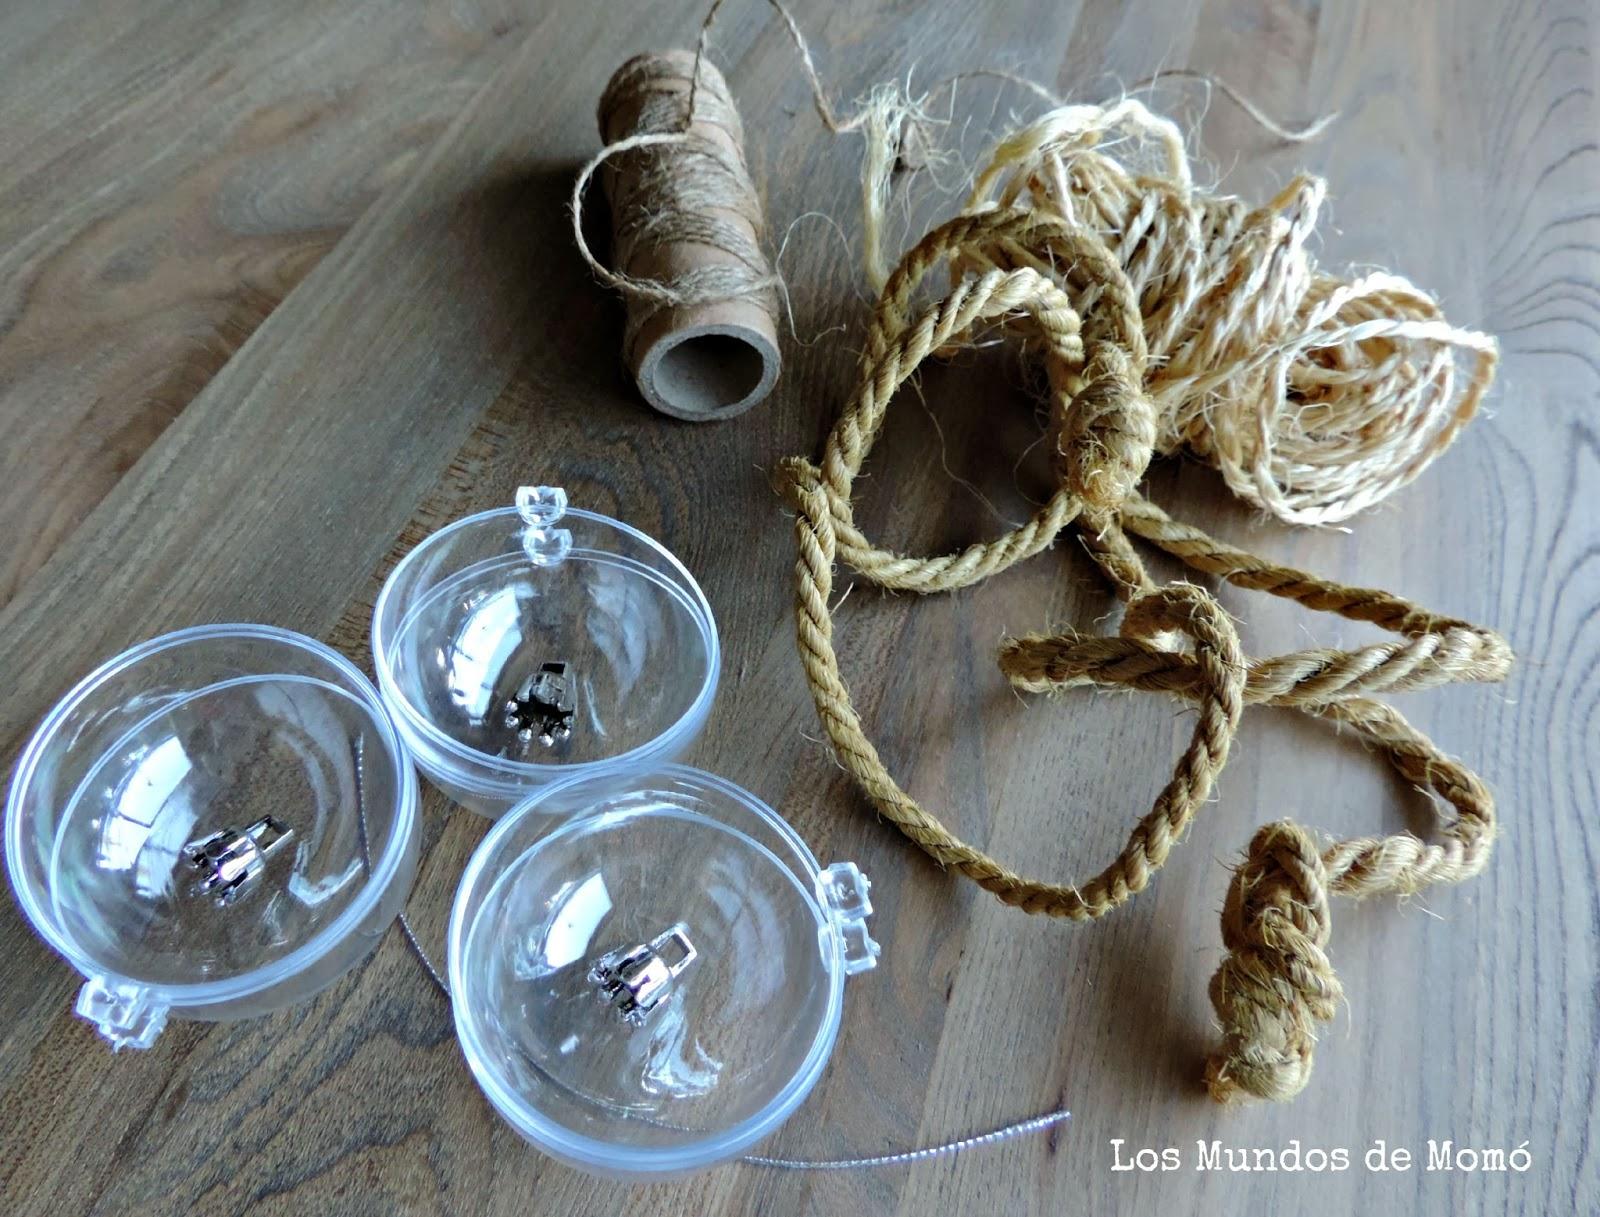 Decorando la navidad unas bolas para el rbol muy naturales handbox craft lovers comunidad - Bolas navidad transparentes ...